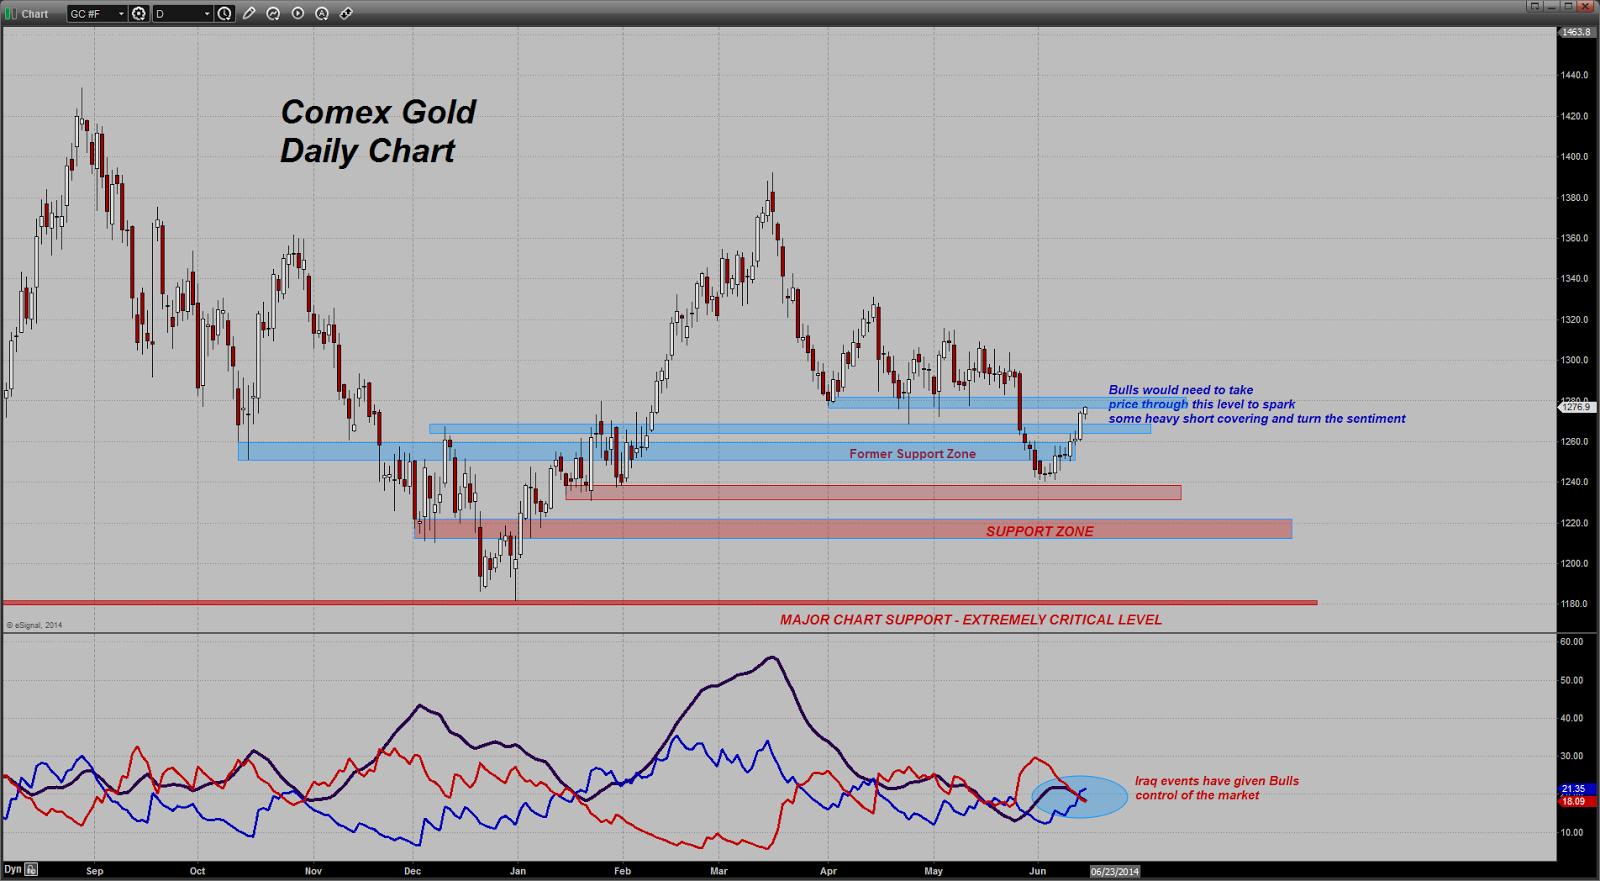 prix de l'or, de l'argent et des minières / suivi quotidien en clôture - Page 13 Chart20140613123650